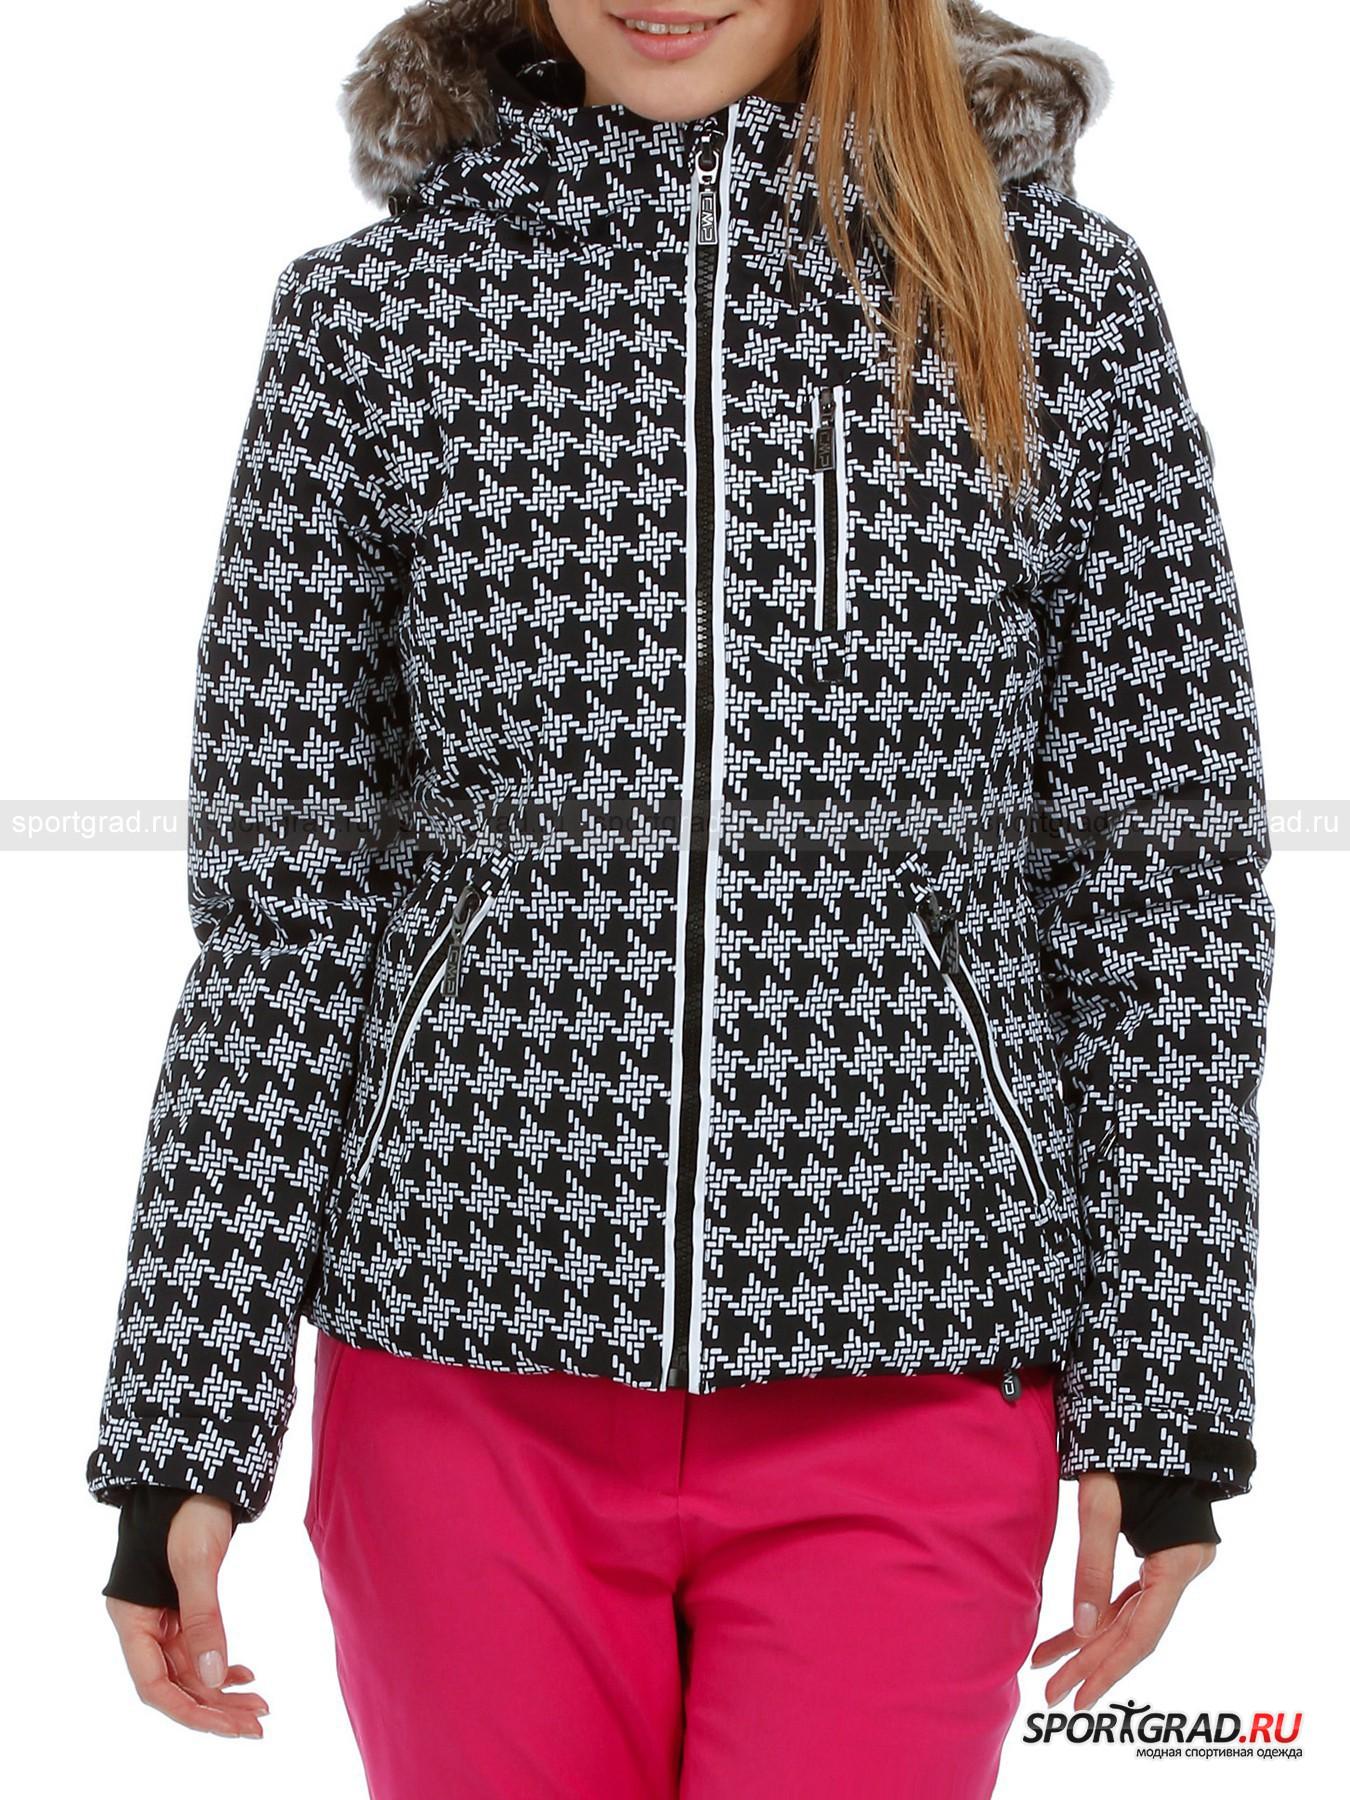 Куртка женская  LADY ZIP HOOD JACKET CAMPAGNOLOПуховики<br>Куртка женская LADY ZIP HOOD JACKET CAMPAGNOLO – идеальный крой, современные материалы, первоклассный дизайн в истинно спортивном стиле – воплощенная мечта современной модницы, умеющей выглядеть шикарно даже на заснеженном склоне с лыжными палками в руках или  сноубордом.<br>Куртка создана при помощи изоляционной технологии STRETCH PERFORMANCE, обладающей прекрасными воздухопроницаемыми свойствами, способностью препятствовать проникновению ветра и осадков  (влагоудержание 8000 мм вод. столба)  и повышенной износостойкостью, а также не требующей специального ухода. Эта технология поможет вам с комфортом провести время на свежем воздухе, придаваясь любимому виду активного отдыха.<br>Модель имеет:<br>- воротник-стойку с теплой внутренней поверхностью (специальная вставка),<br>- пристегивающийся на молнию и липучки капюшон со съемной меховой подкладкой, кулиской по основному краю и сзади (для коррекции глубины),<br>- втачные рукава с узкими манжетами и липучками, регулирующими объем вокруг запястьев,<br>- основную застежку с узкой защитной планкой со стороны подкладки,<br>- мягкую вставку на спинке внутри,<br>- снежную юбку с эластичной вставкой сзади, резинкой по нижнему краю и клепками спереди,<br>- вертикальные рельефы, обеспечивающие формирование женственного силуэта,<br>- кулиску по нижнему краю с подкладочной стороны,<br>- карманы:<br>а) из сетчатого материала с внутренней стороны, по сторонам от основной застежки,<br>б) один прорезной карман на молнии вдоль основного замка,<br>в) два прорезных боковых кармана на застежках,<br>г) прорезной карман на застежке, вход в который располагается под кокеткой,<br>д) небольшой карман для ключей на левом рукаве,<br>- металлическую фурнитуру с логотипами марки (на бегунках молний).<br><br>Пол: Женский<br>Возраст: Взрослый<br>Тип: Пуховики<br>Состав: Поверхность и подкладка: 85% полиамид, 15% эластан